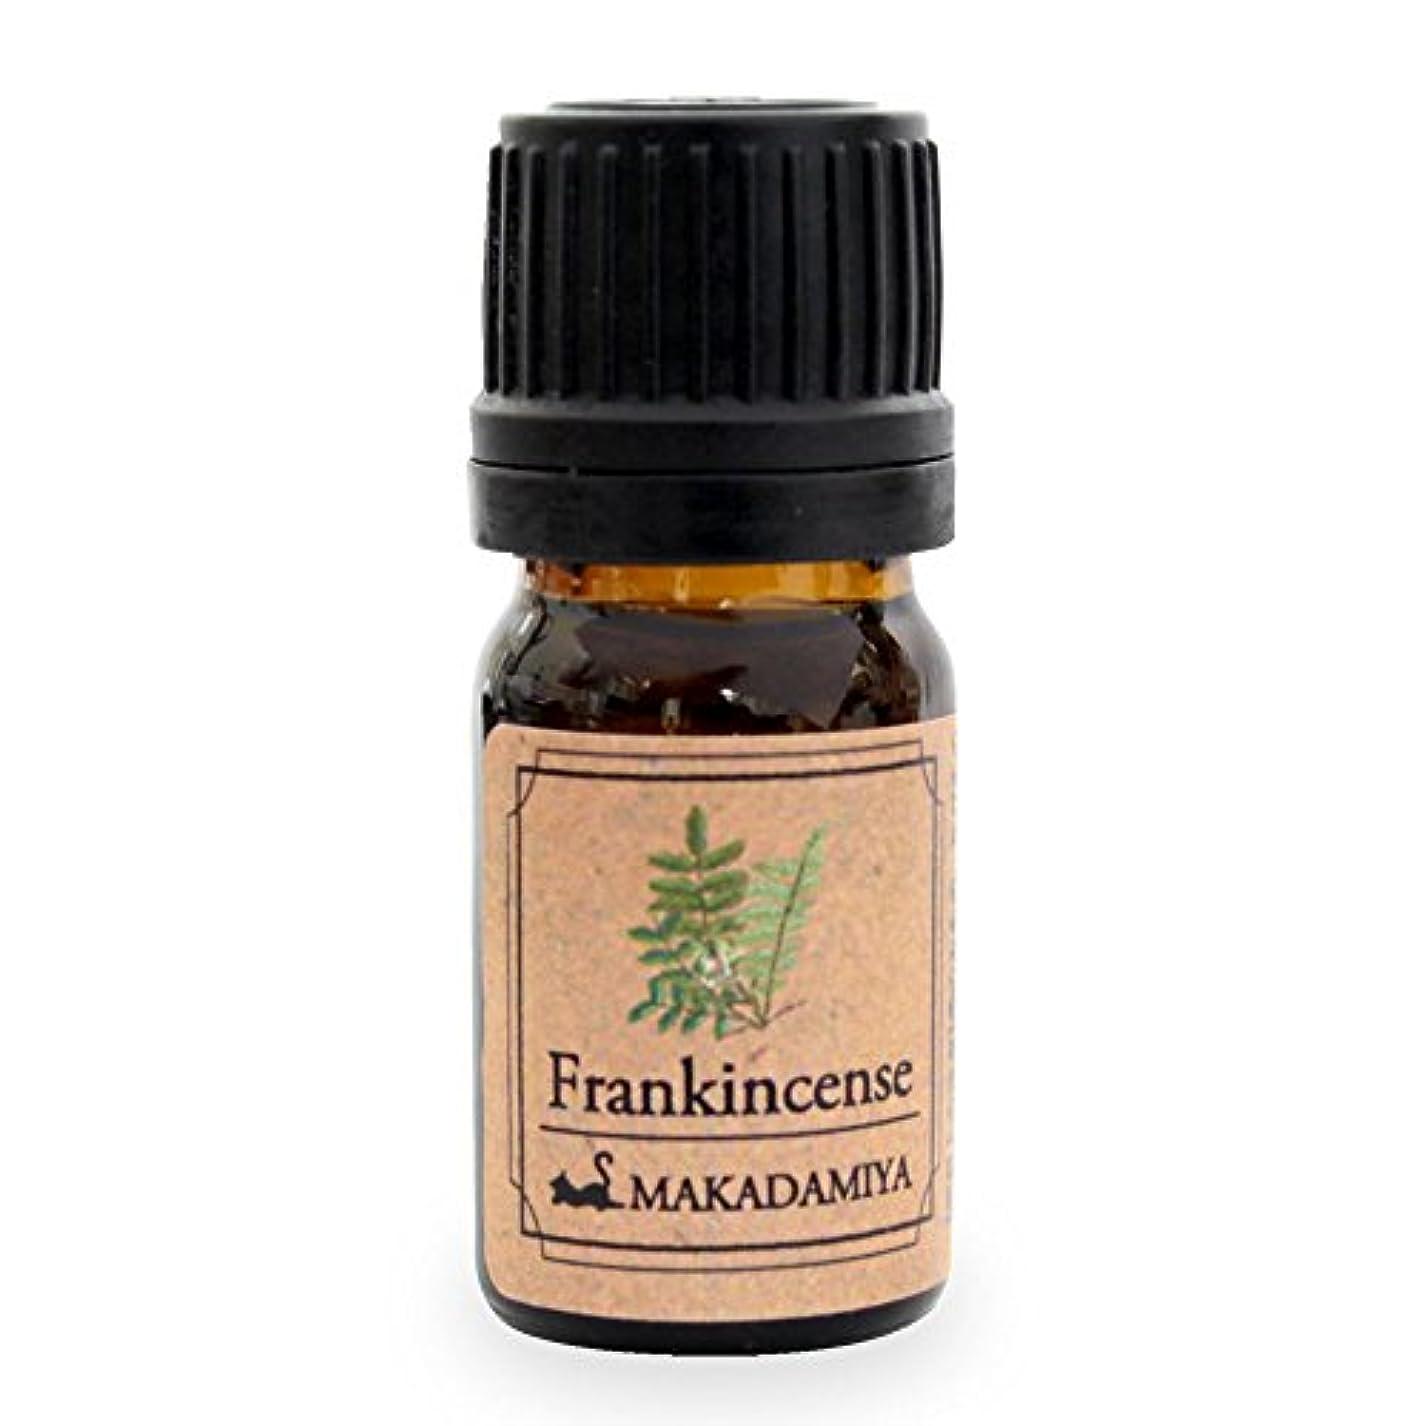 エイリアスお風呂を持っている実験をするフランキンセンス5ml 天然100%植物性 エッセンシャルオイル(精油) アロマオイル アロママッサージ aroma Frankincense